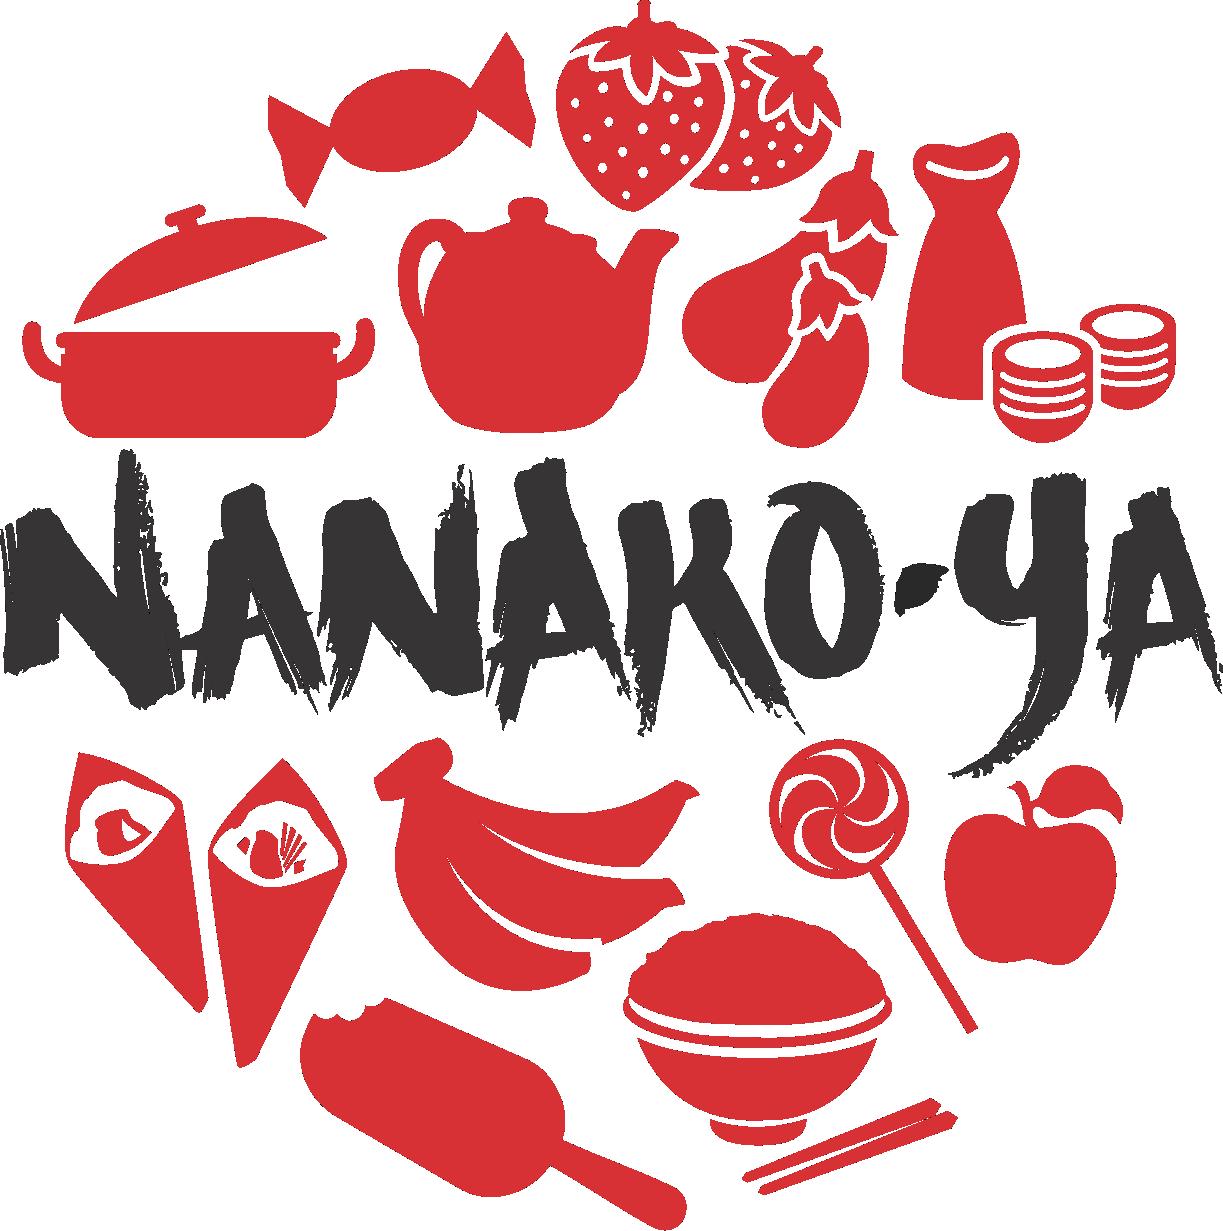 Nanakoya Produtos Orientais e Naturais